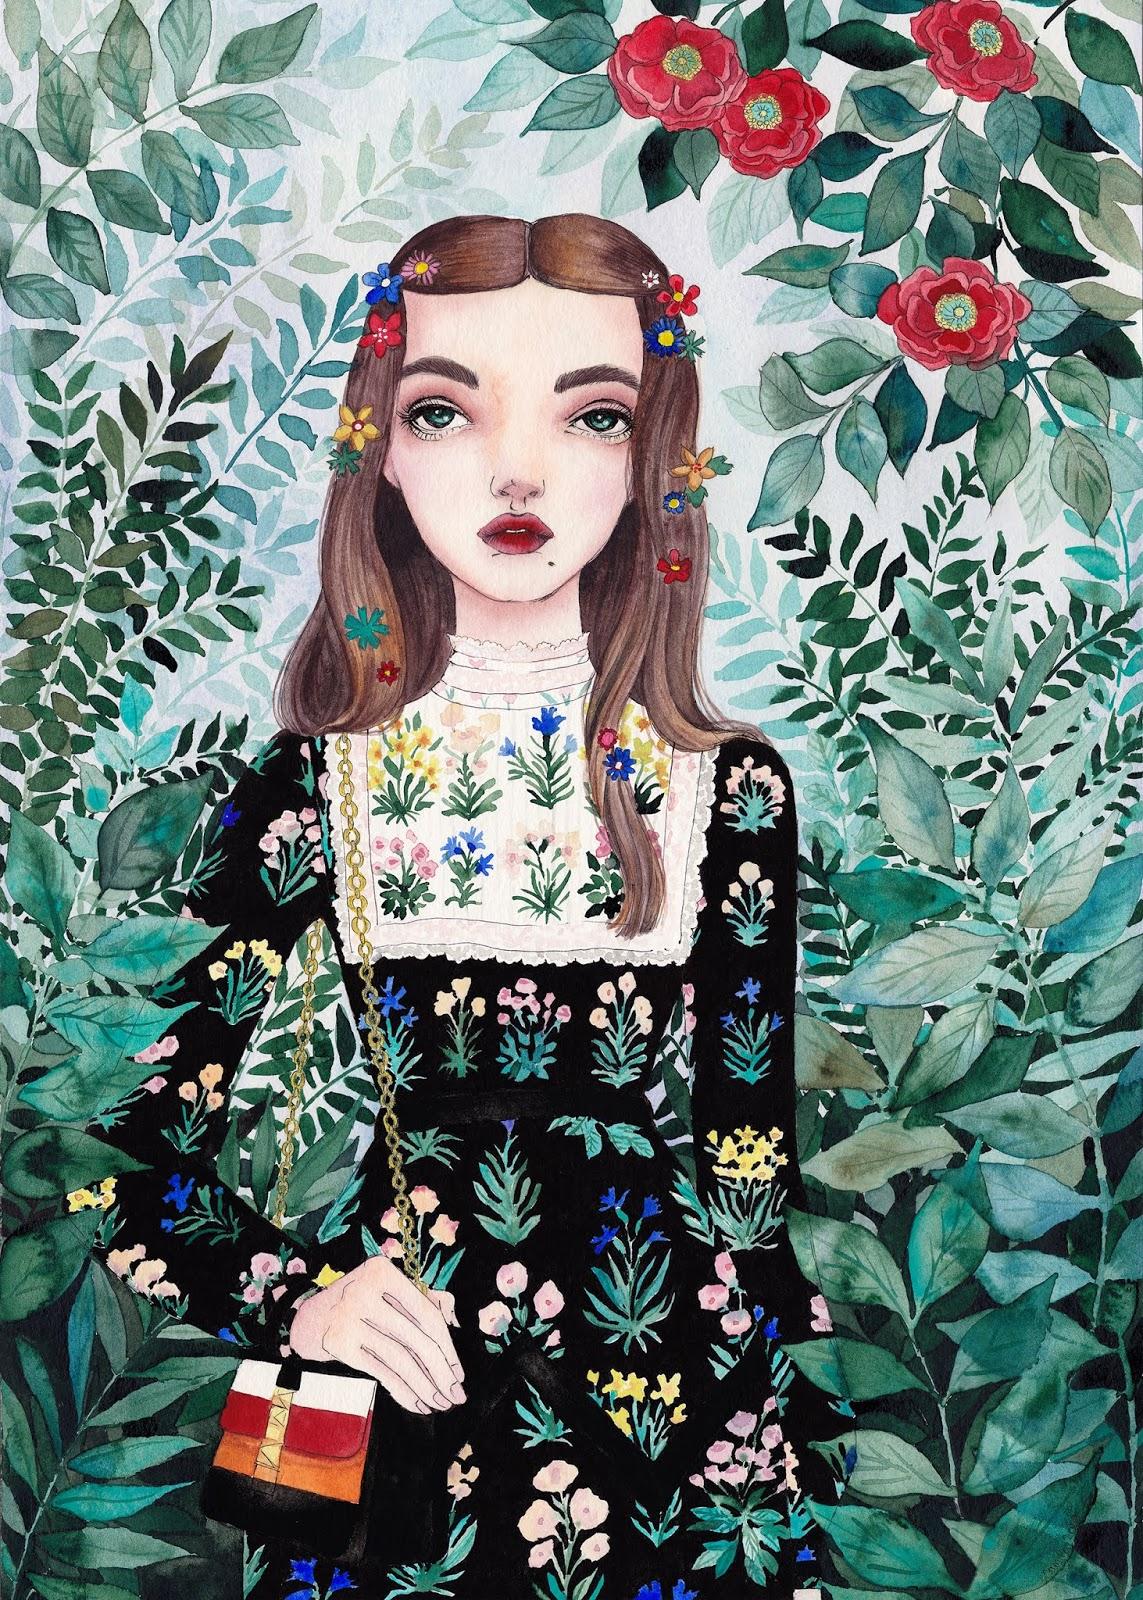 Ilustración de Camila Cerda joven con vestido de flores y flores en la cabeza